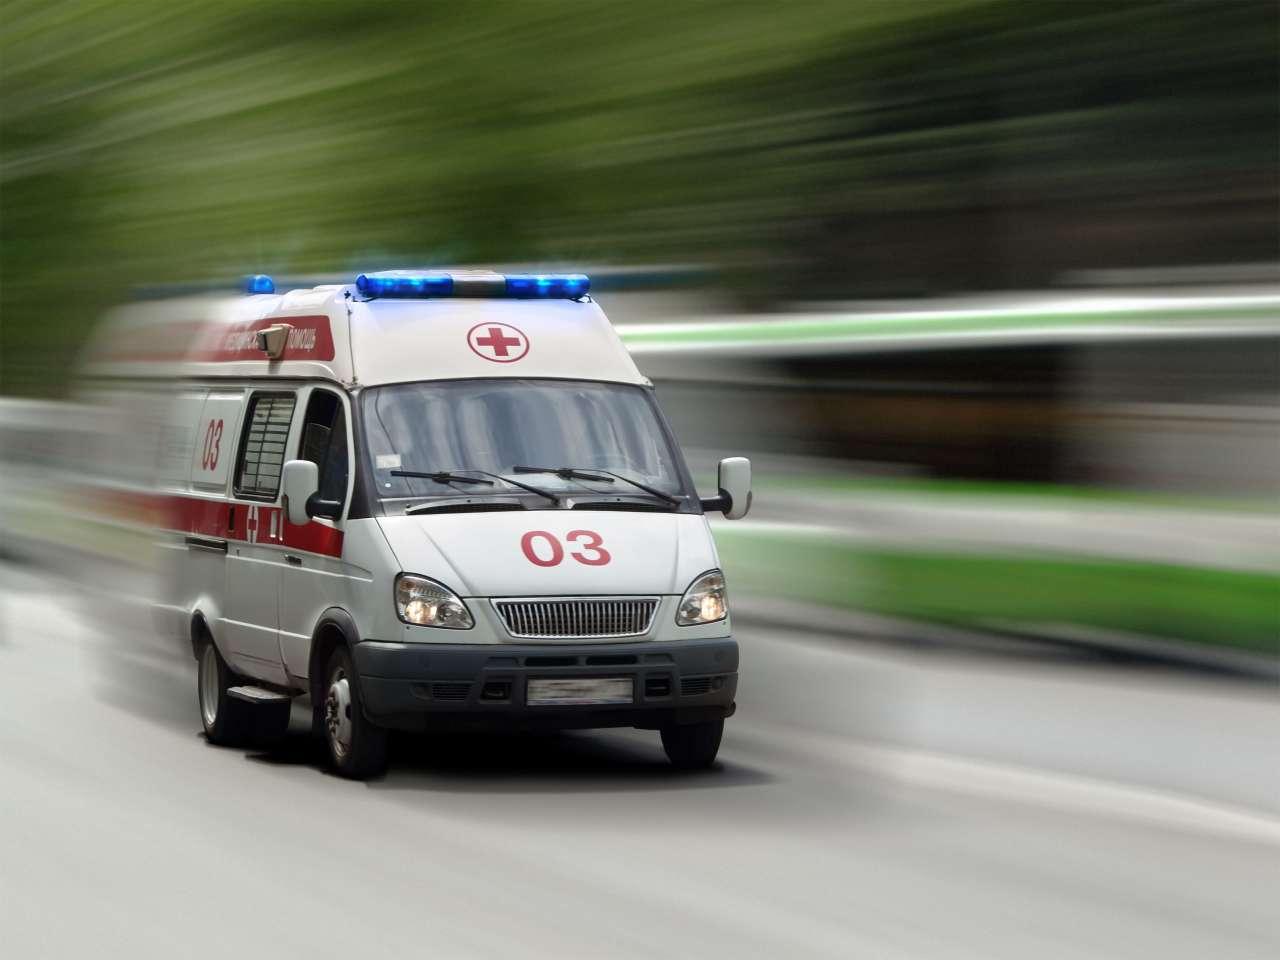 Mikroavtobus qəzaya uğrayıb: 5 ölü, 9 yaralı